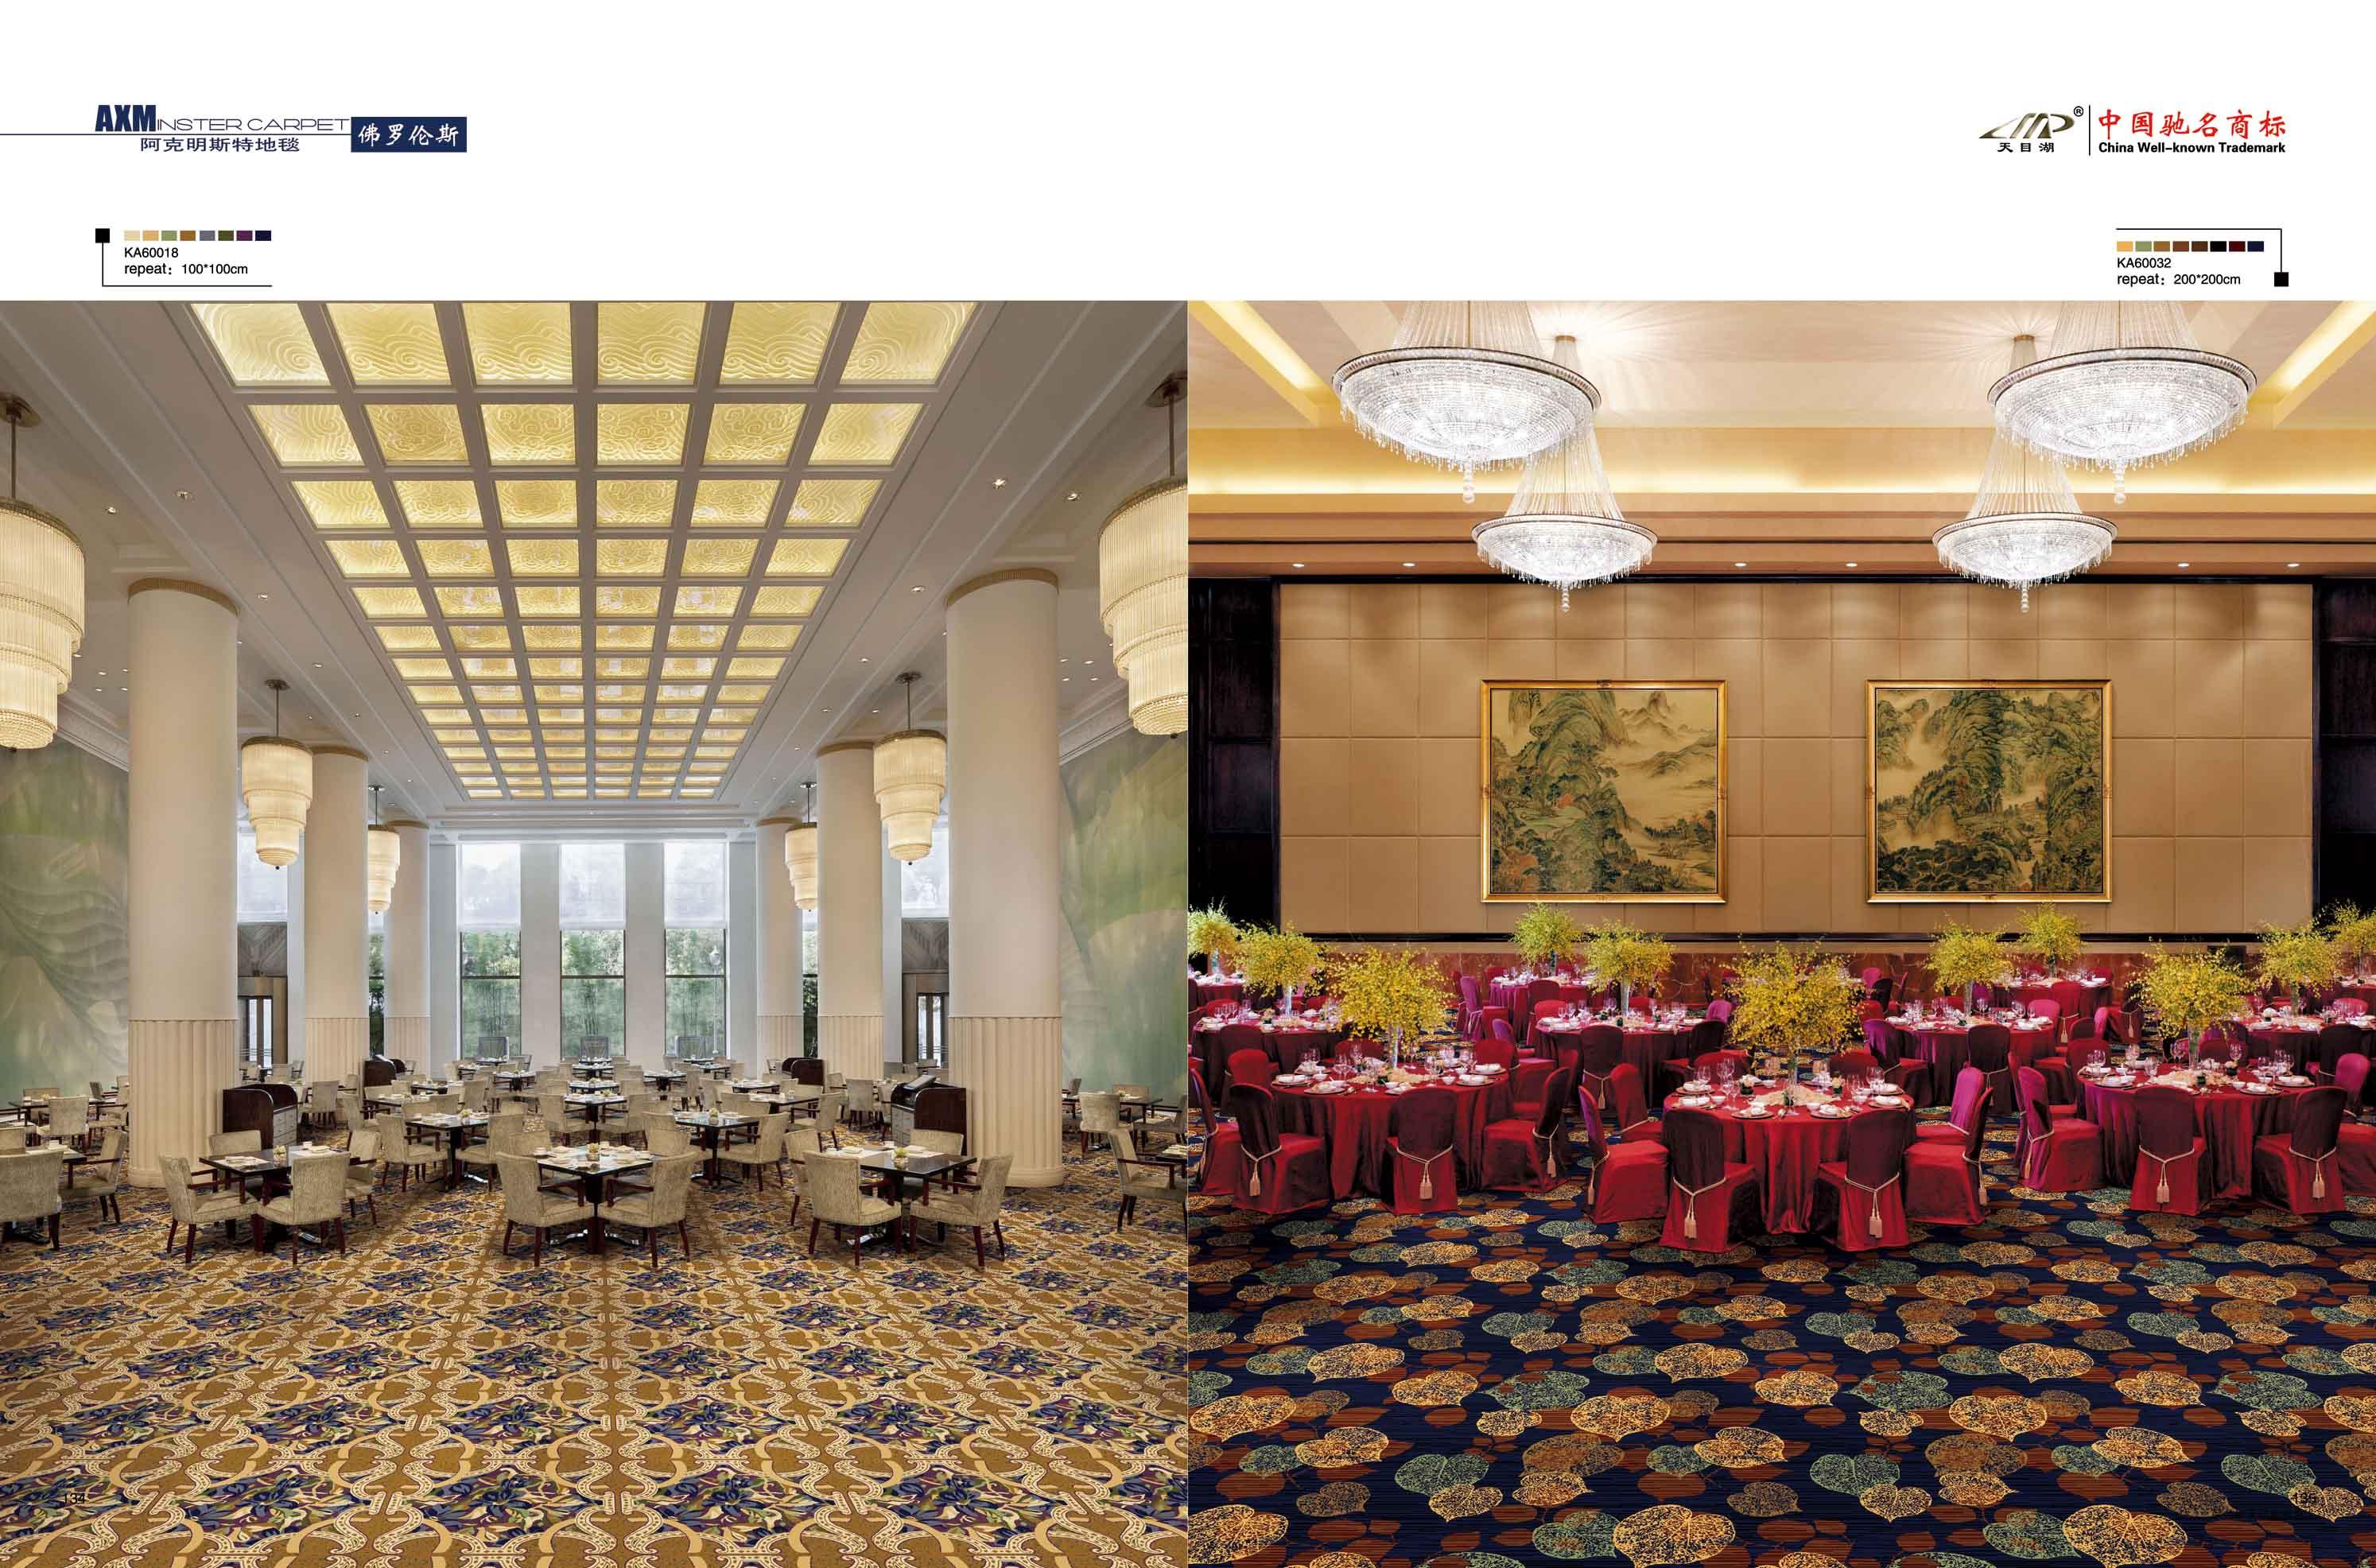 高级英皇国际线上赌博,英皇娱乐注册宴会厅英皇国际线上赌博,英皇娱乐注册